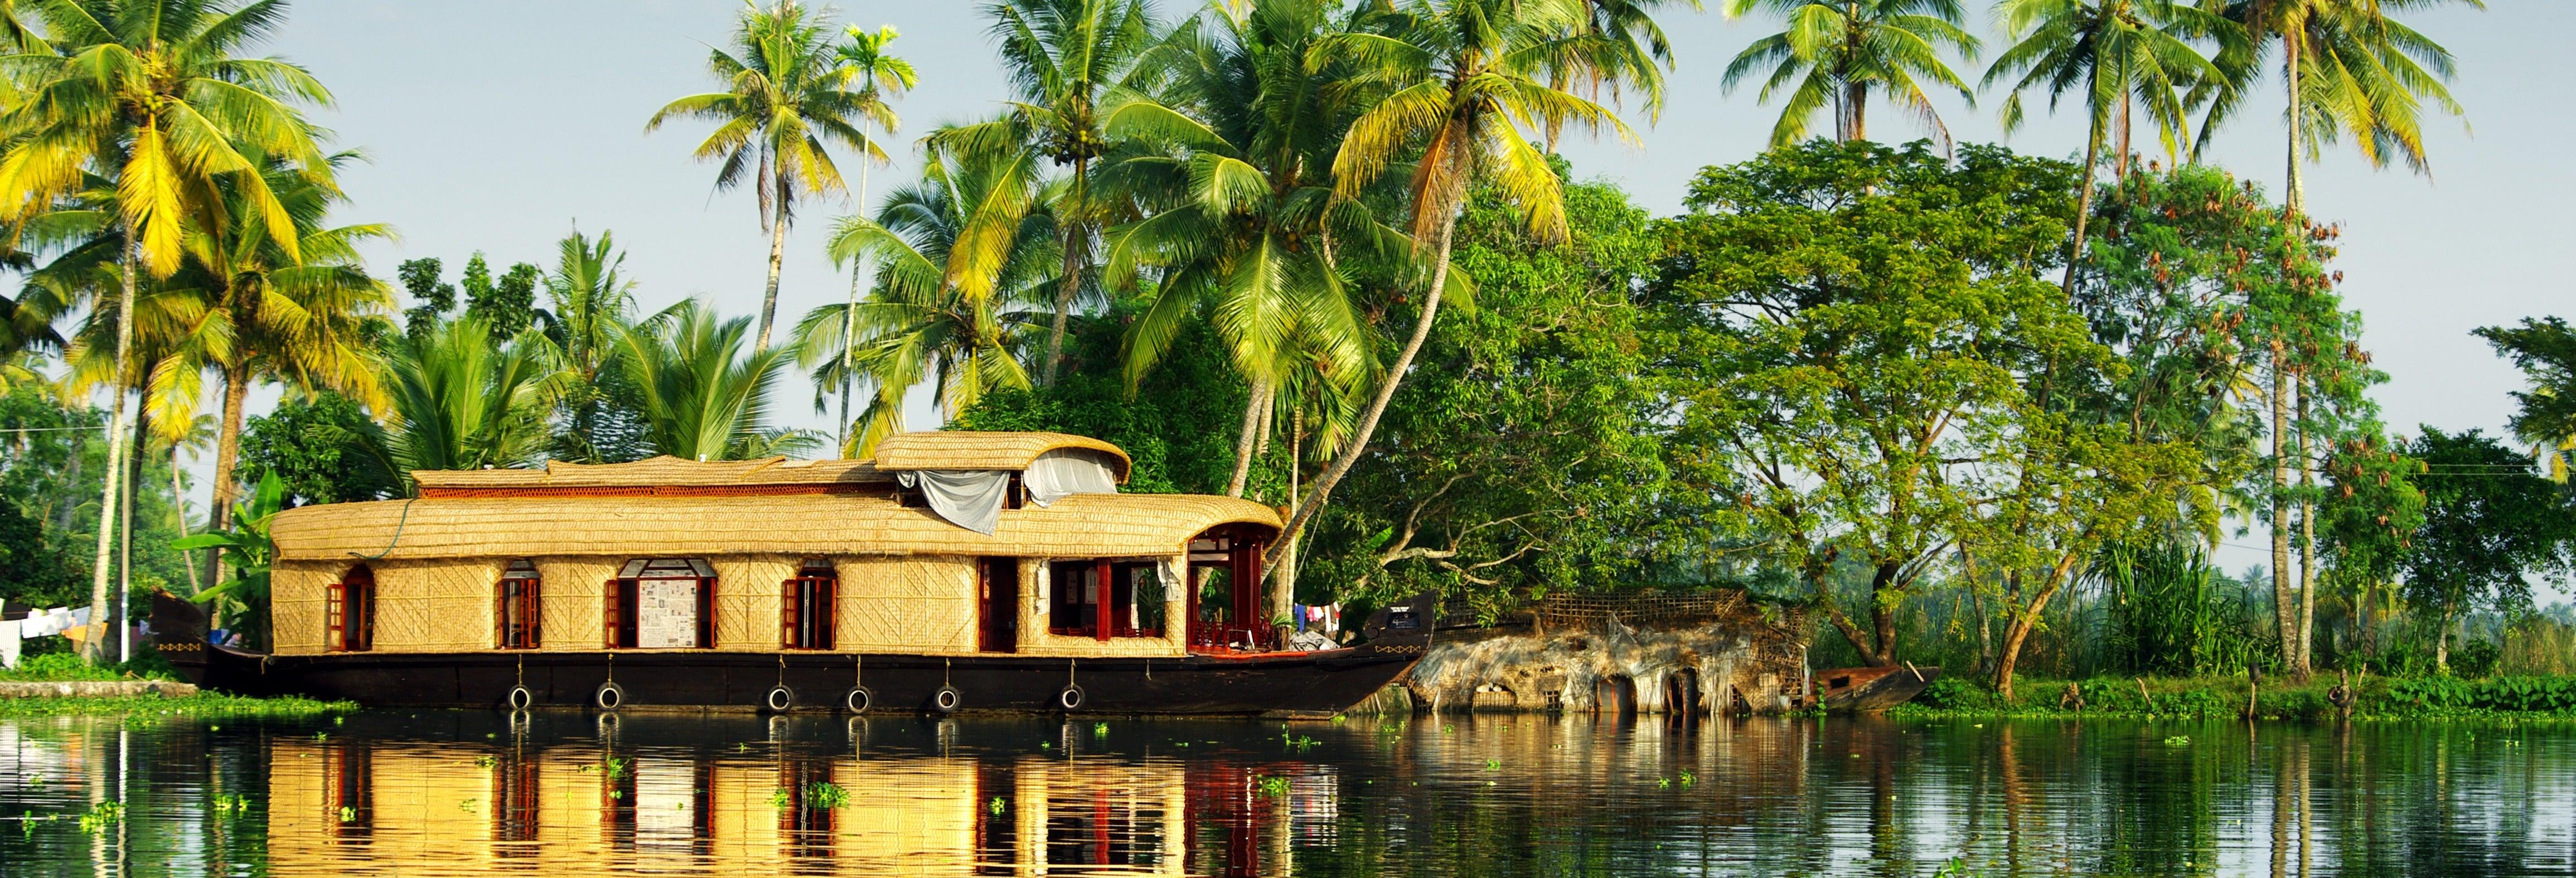 Crociera su casa galleggiante + Fort Kochi